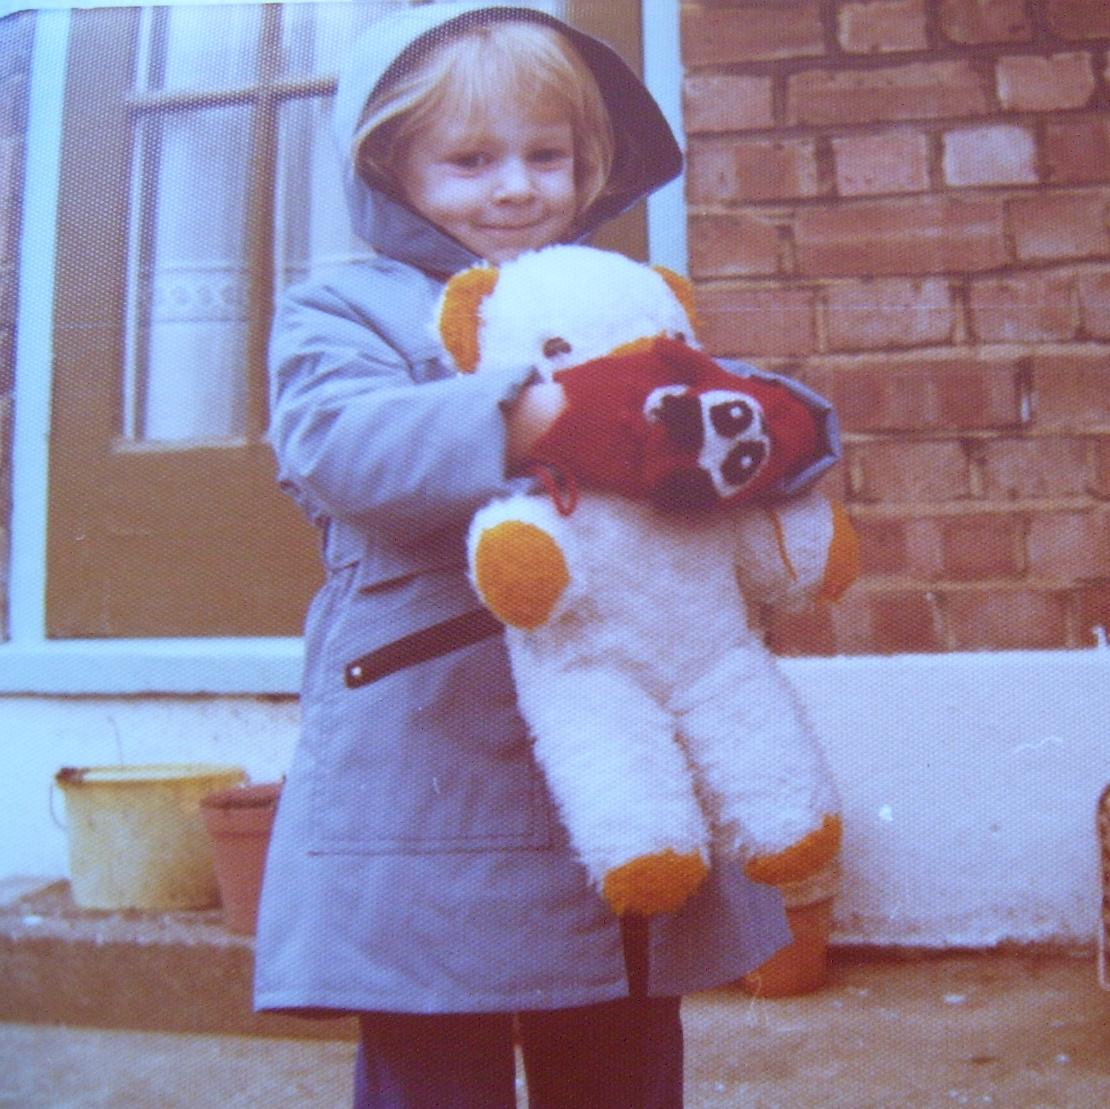 Im Rahmen der Instagram-Challenge #meetthebloggerde21 habe ich dieses Bild von mir als 5-Jährige im Jahr 1981 bei meinen Großeltern in London gepostet. Dieser Post war einer meiner beliebtesten Posts im Mai 2021. Karen Netzel als fünfjährige in London.